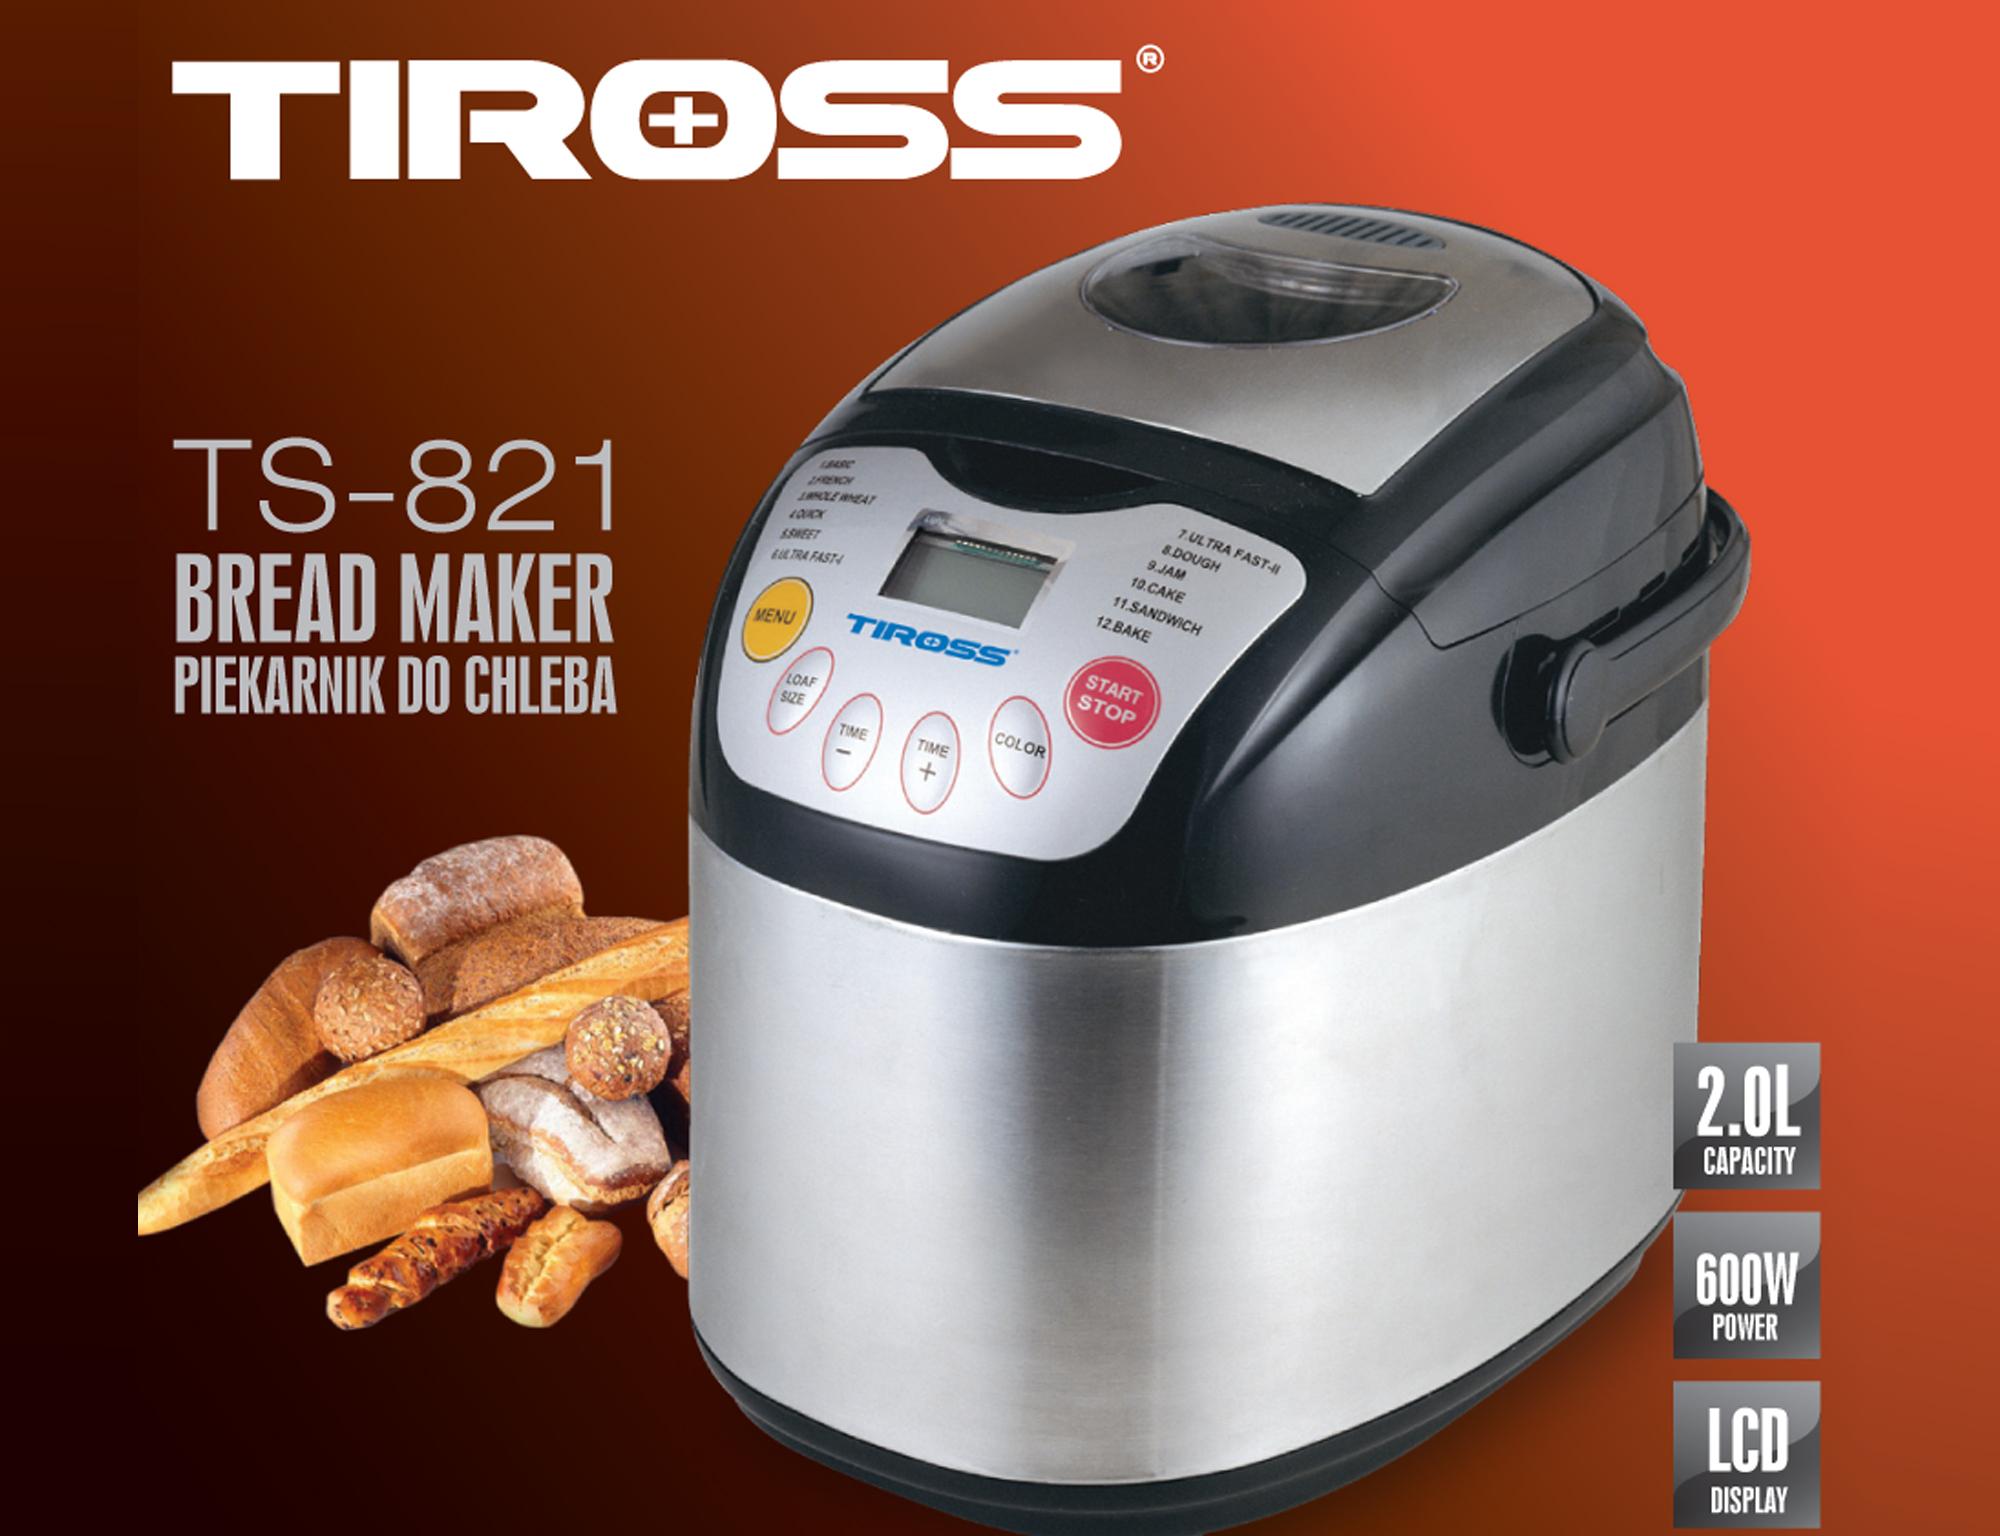 Máy Làm Bánh Mỳ Tiross 12 Chức Năng TS821